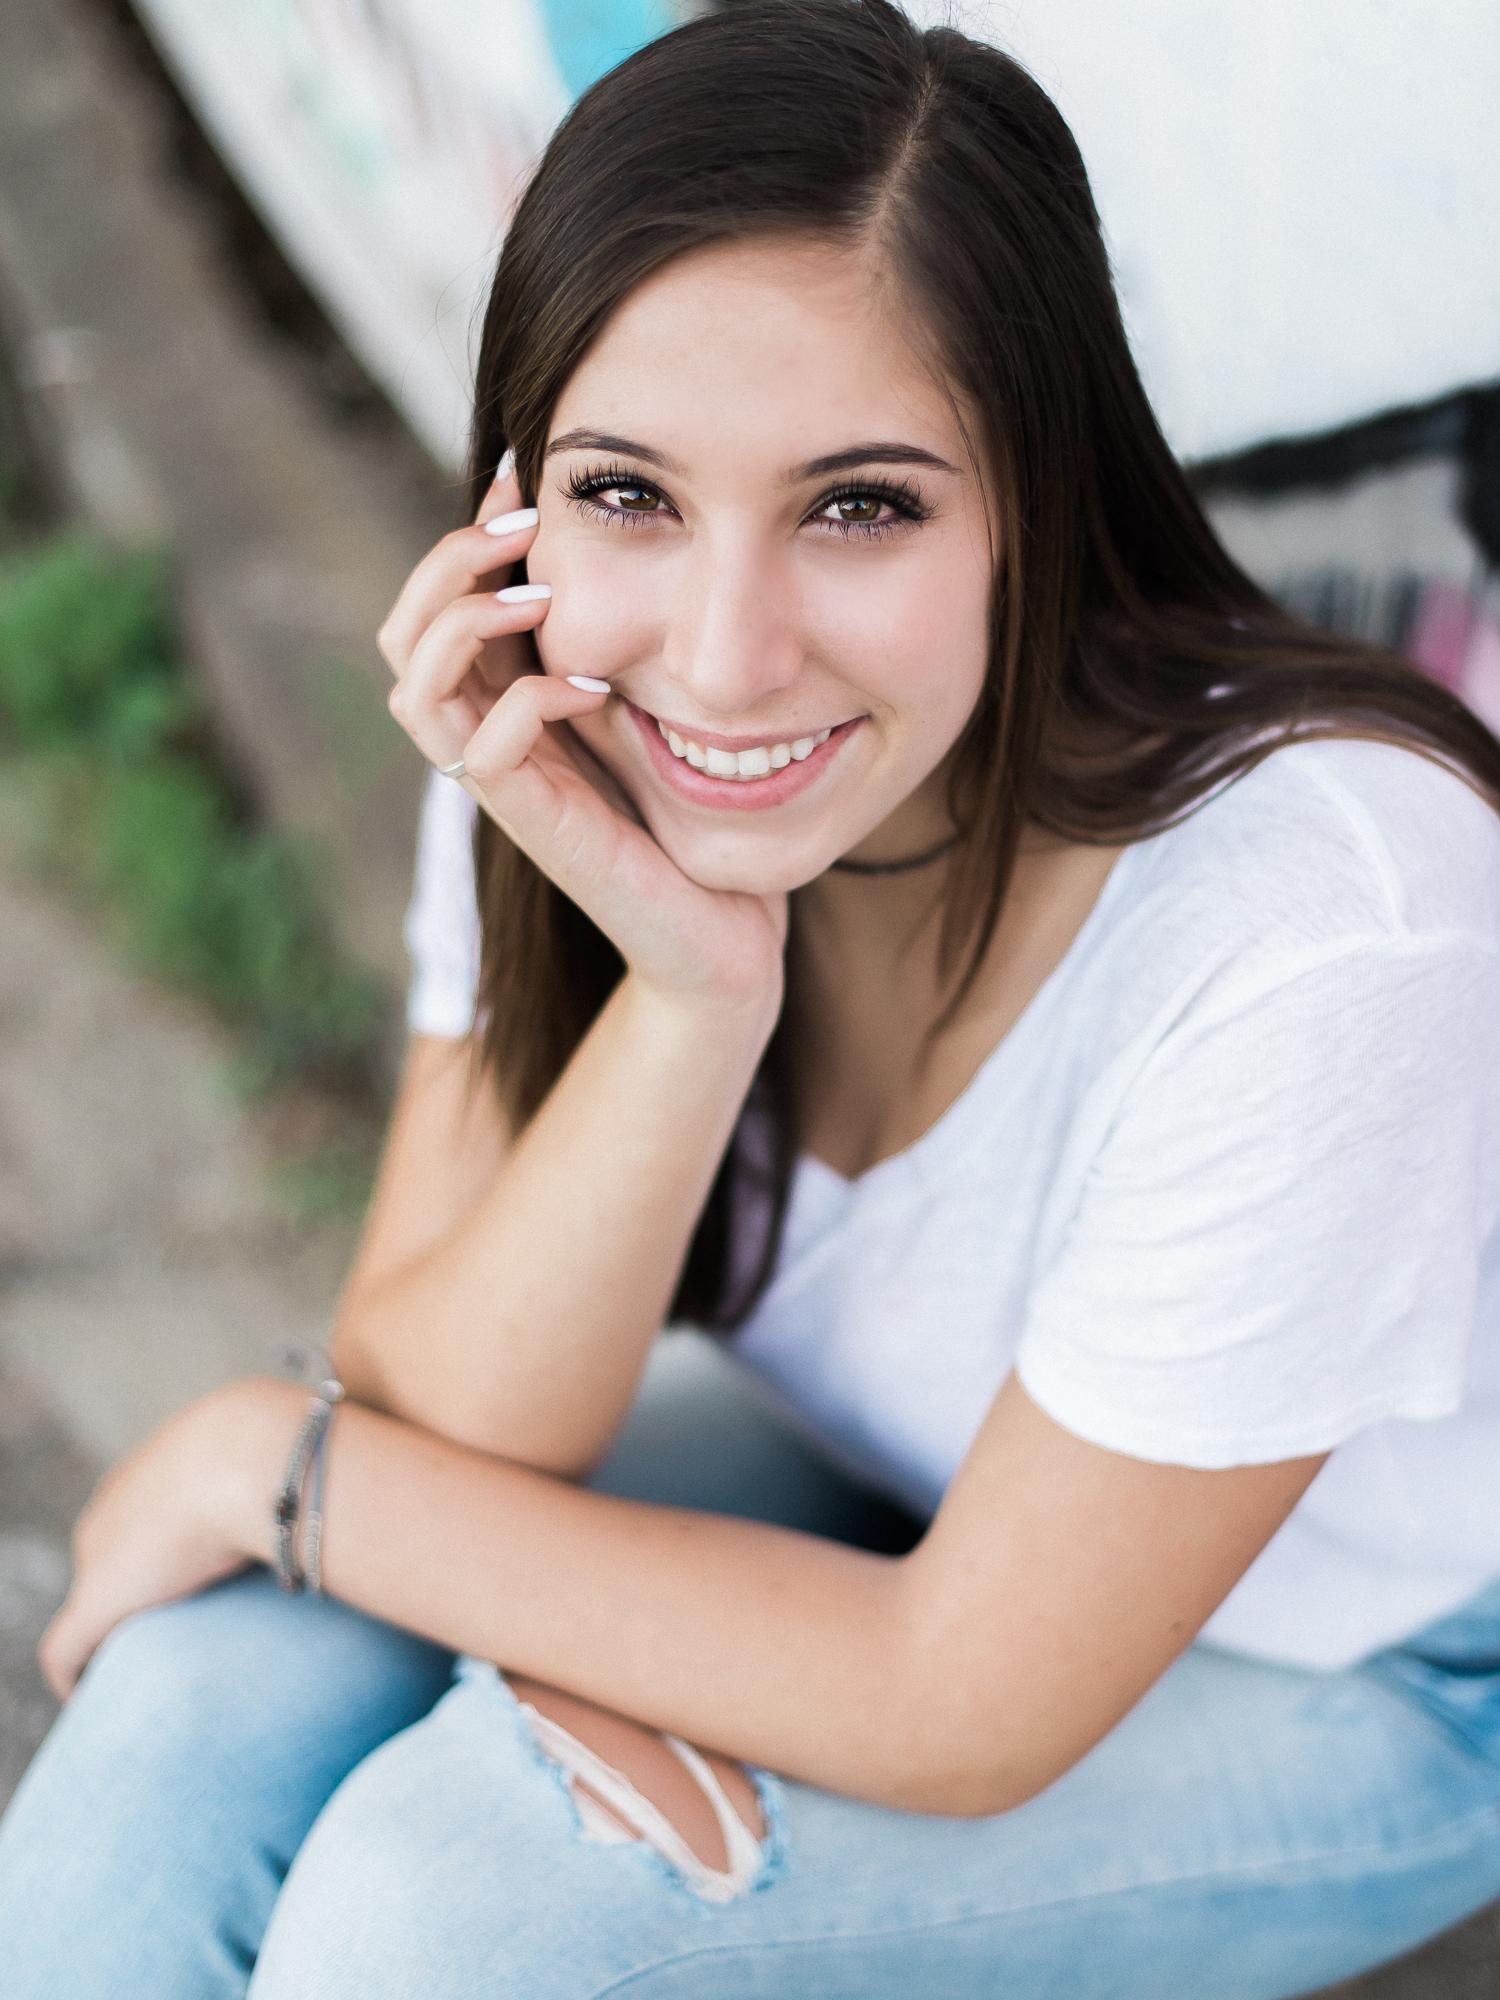 Gianna_HSseniot_spp-6.jpg